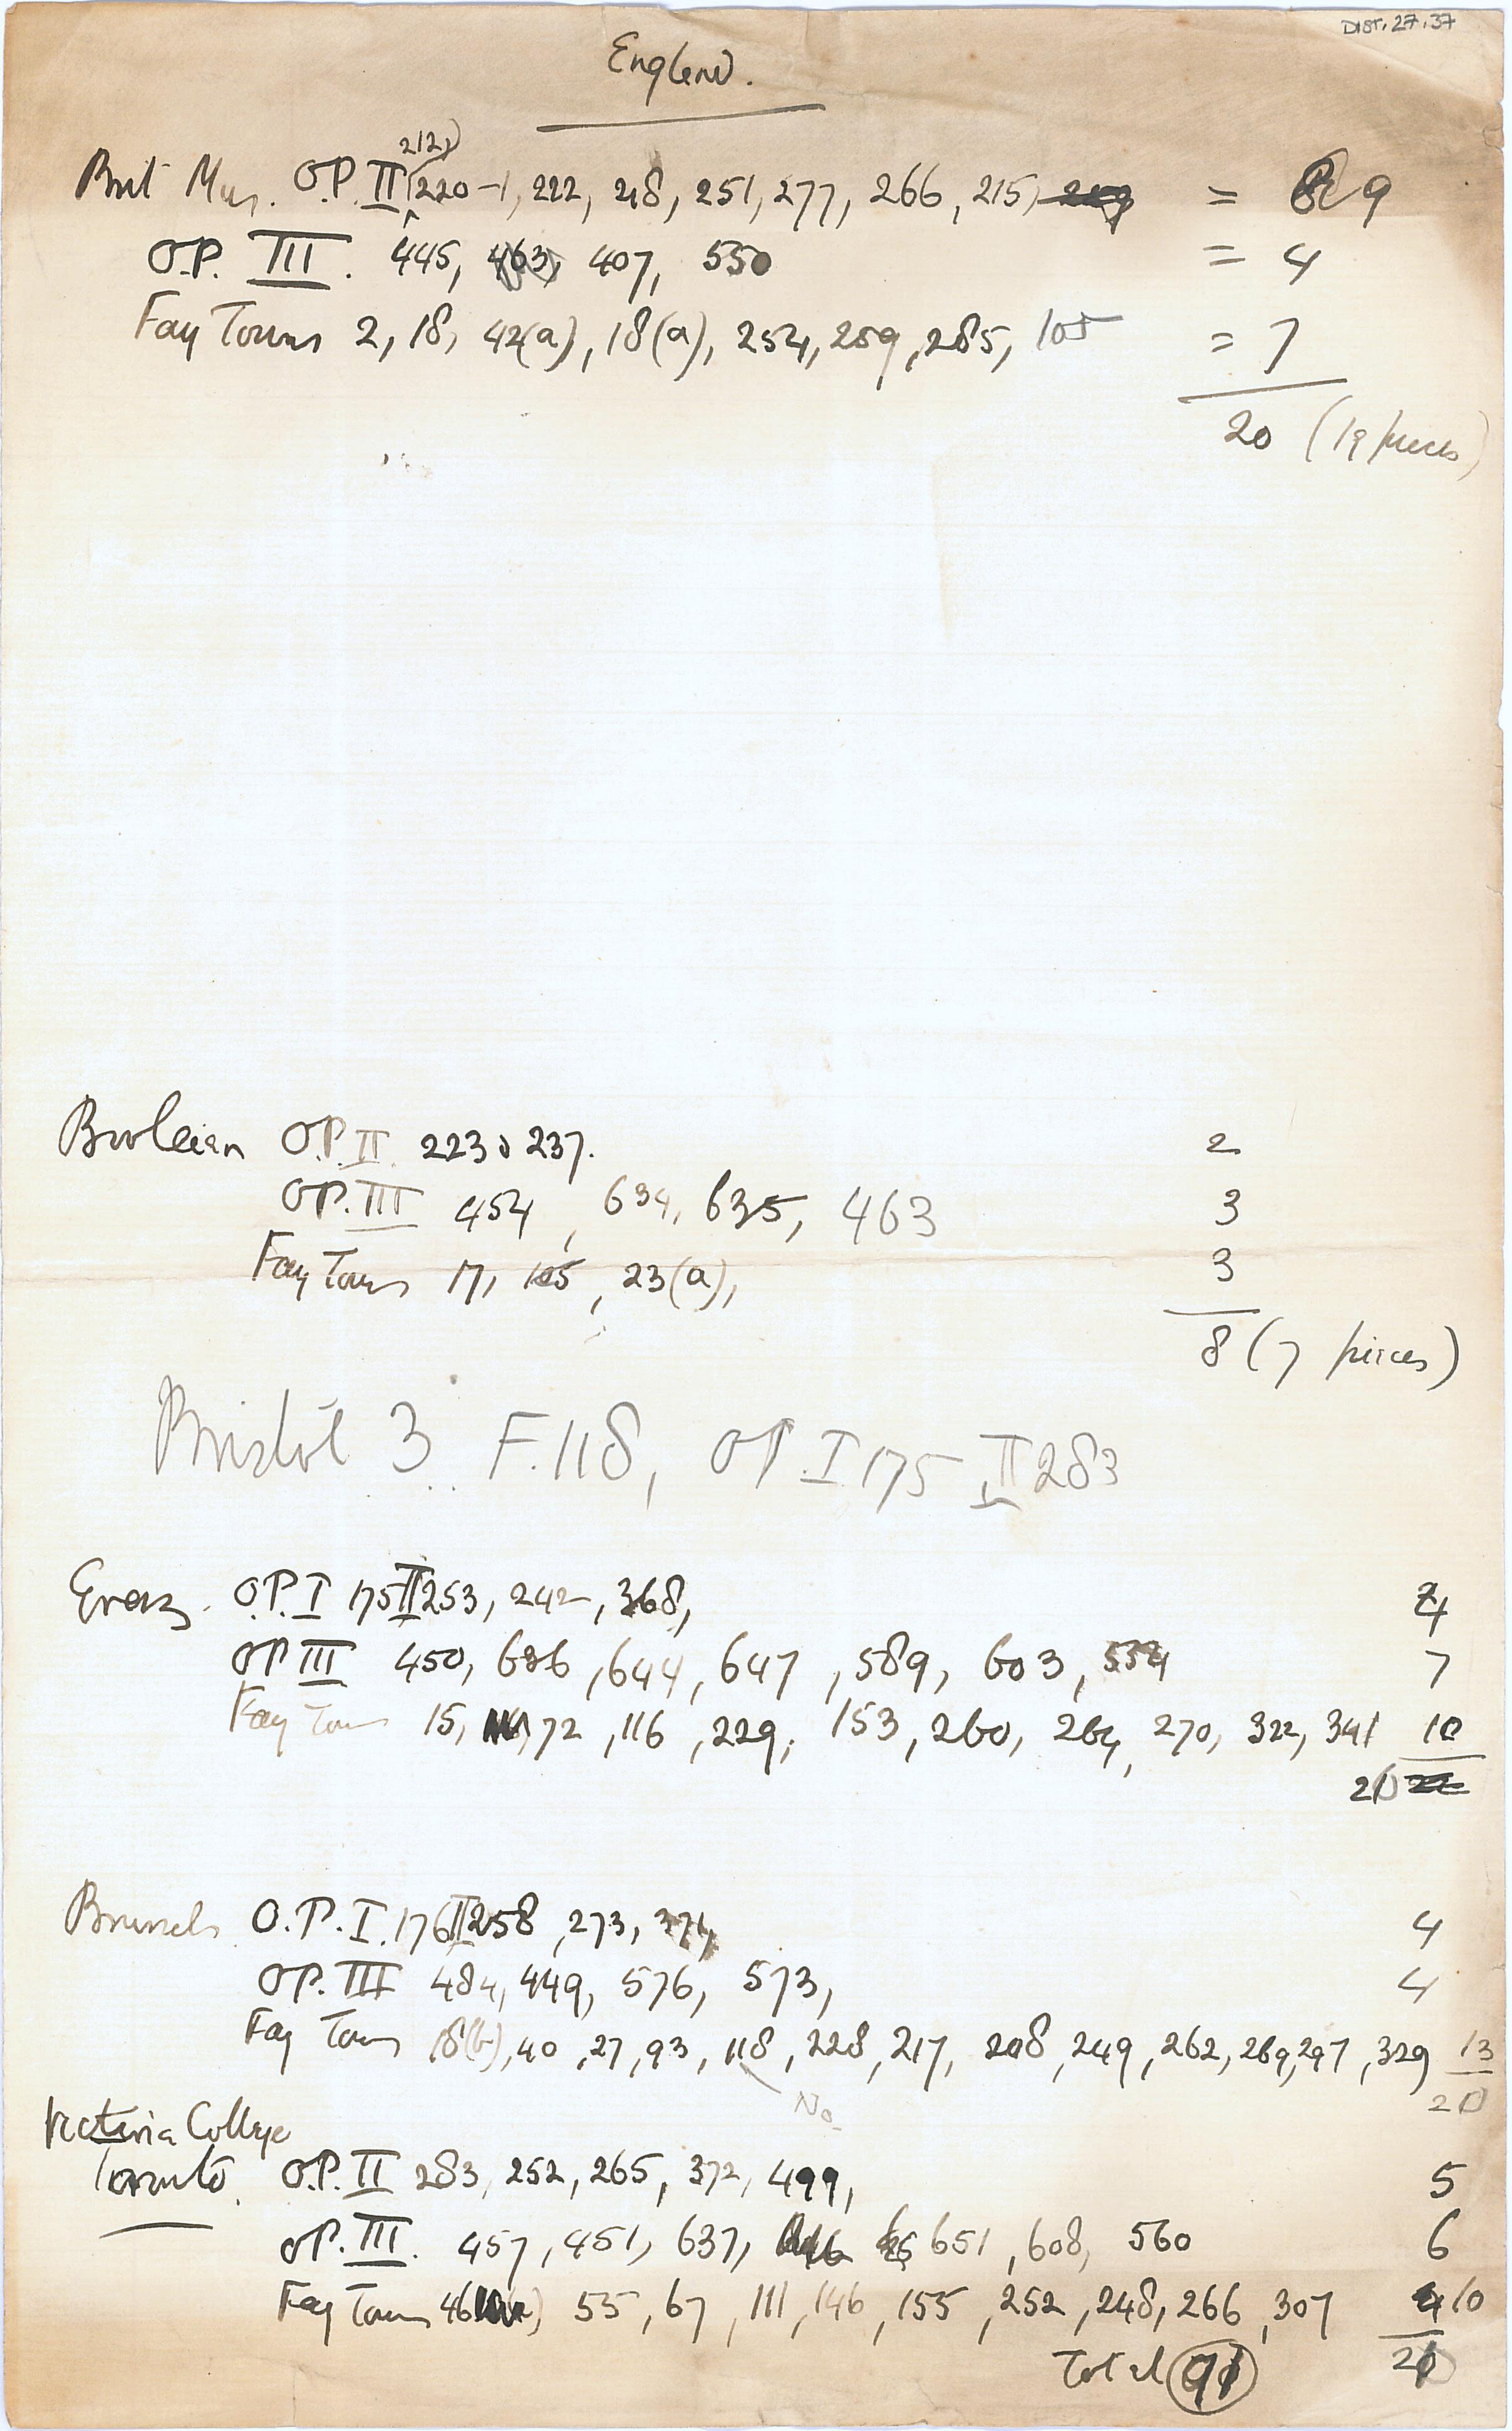 1905-06 Oxyrhynchus, el-Hibeh, Faiyum DIST.27.37